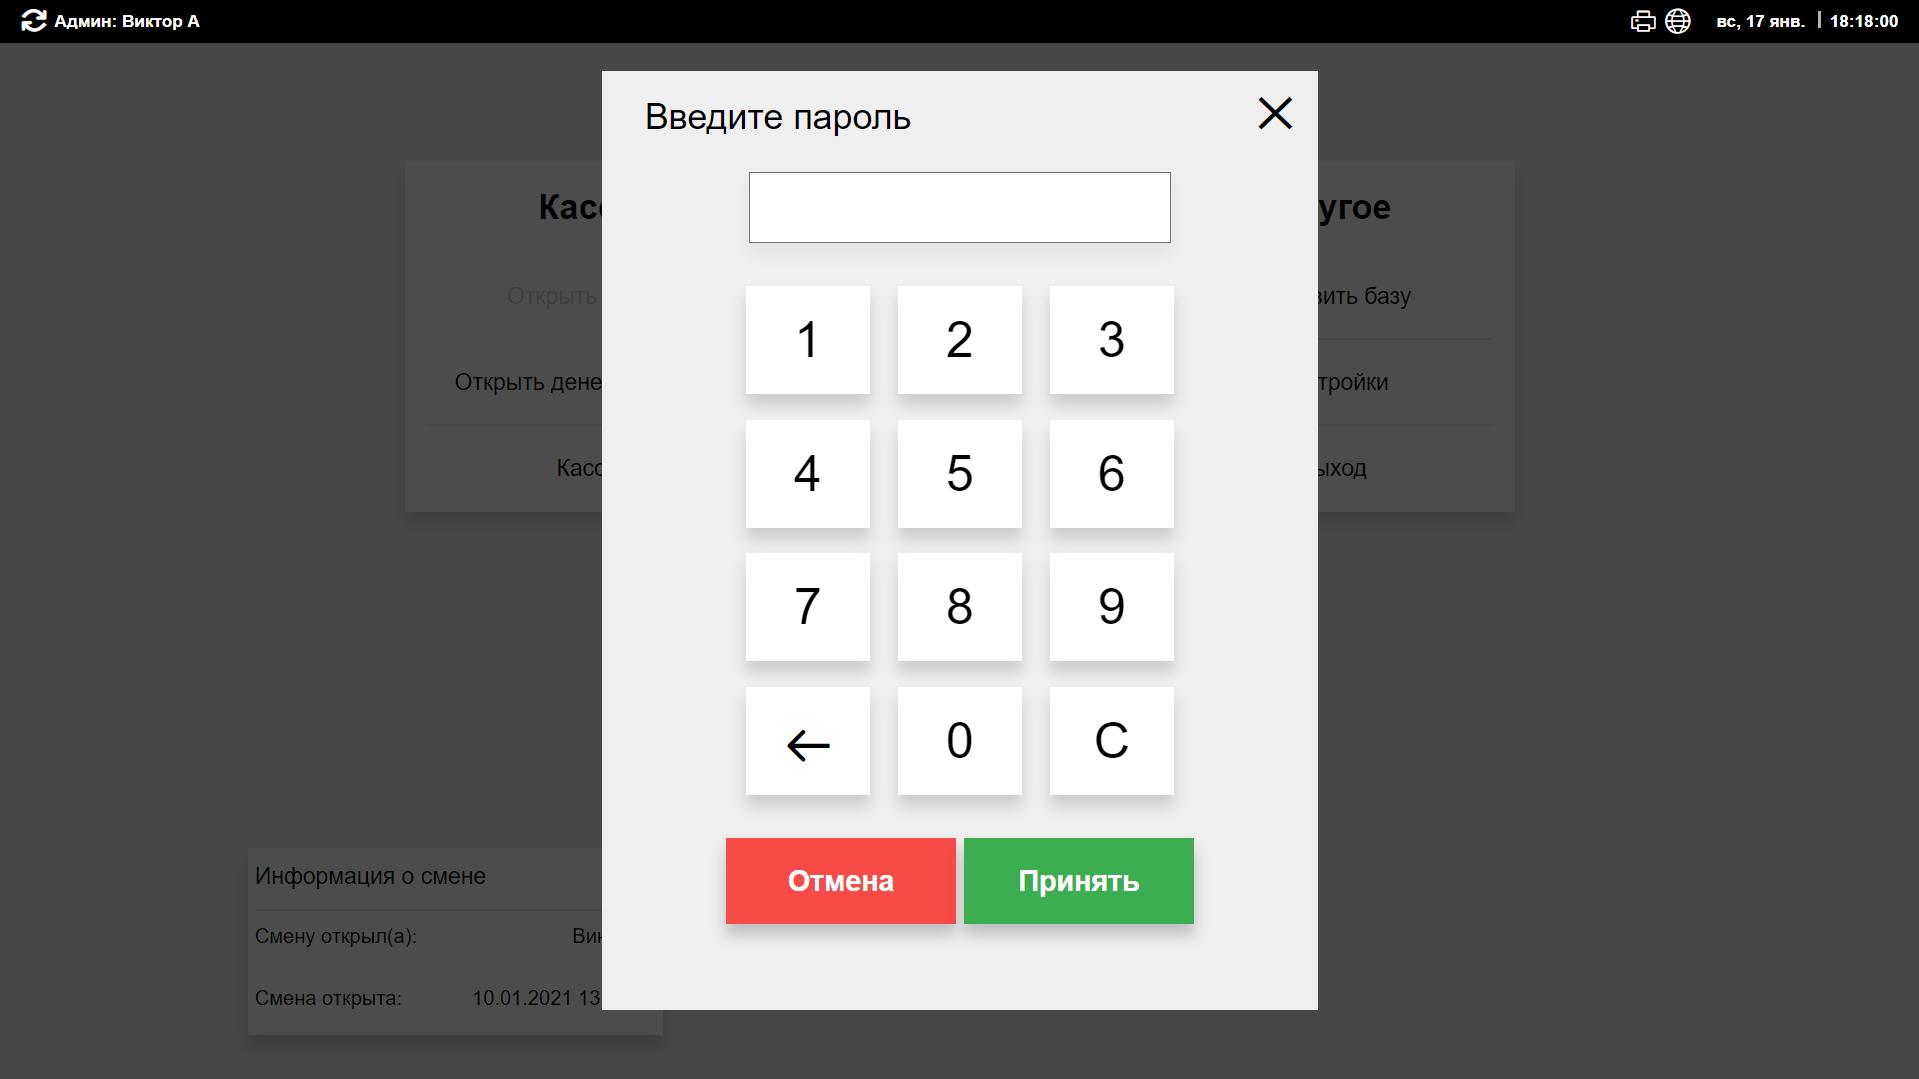 Рис.1. Поле ввода мастер-пароля